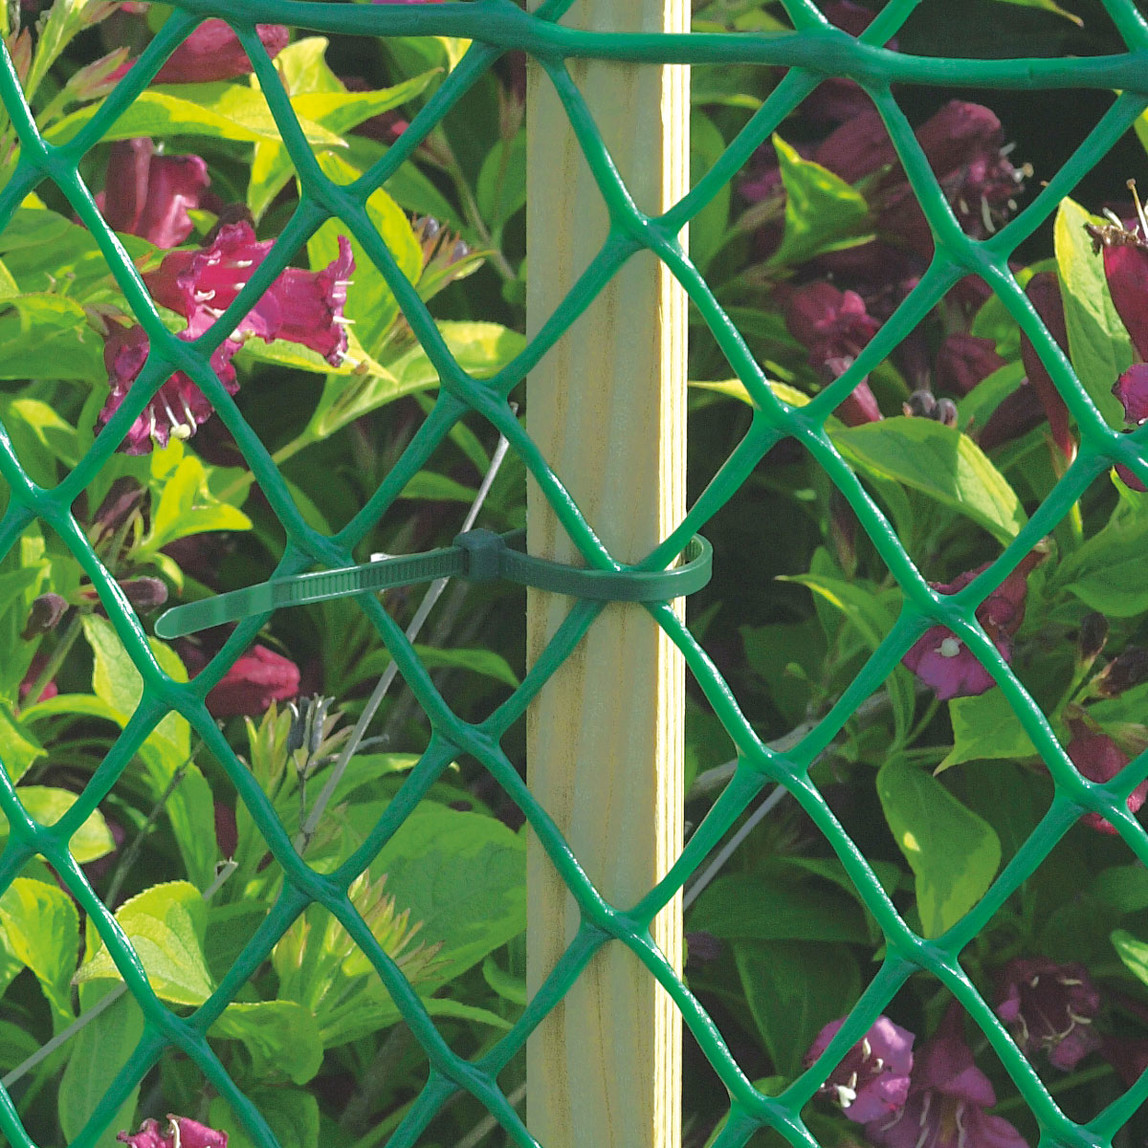 Floranet Yeşil 60cm Filtreli Yüksek Dayanıklı Plastik Çevirme Çiti